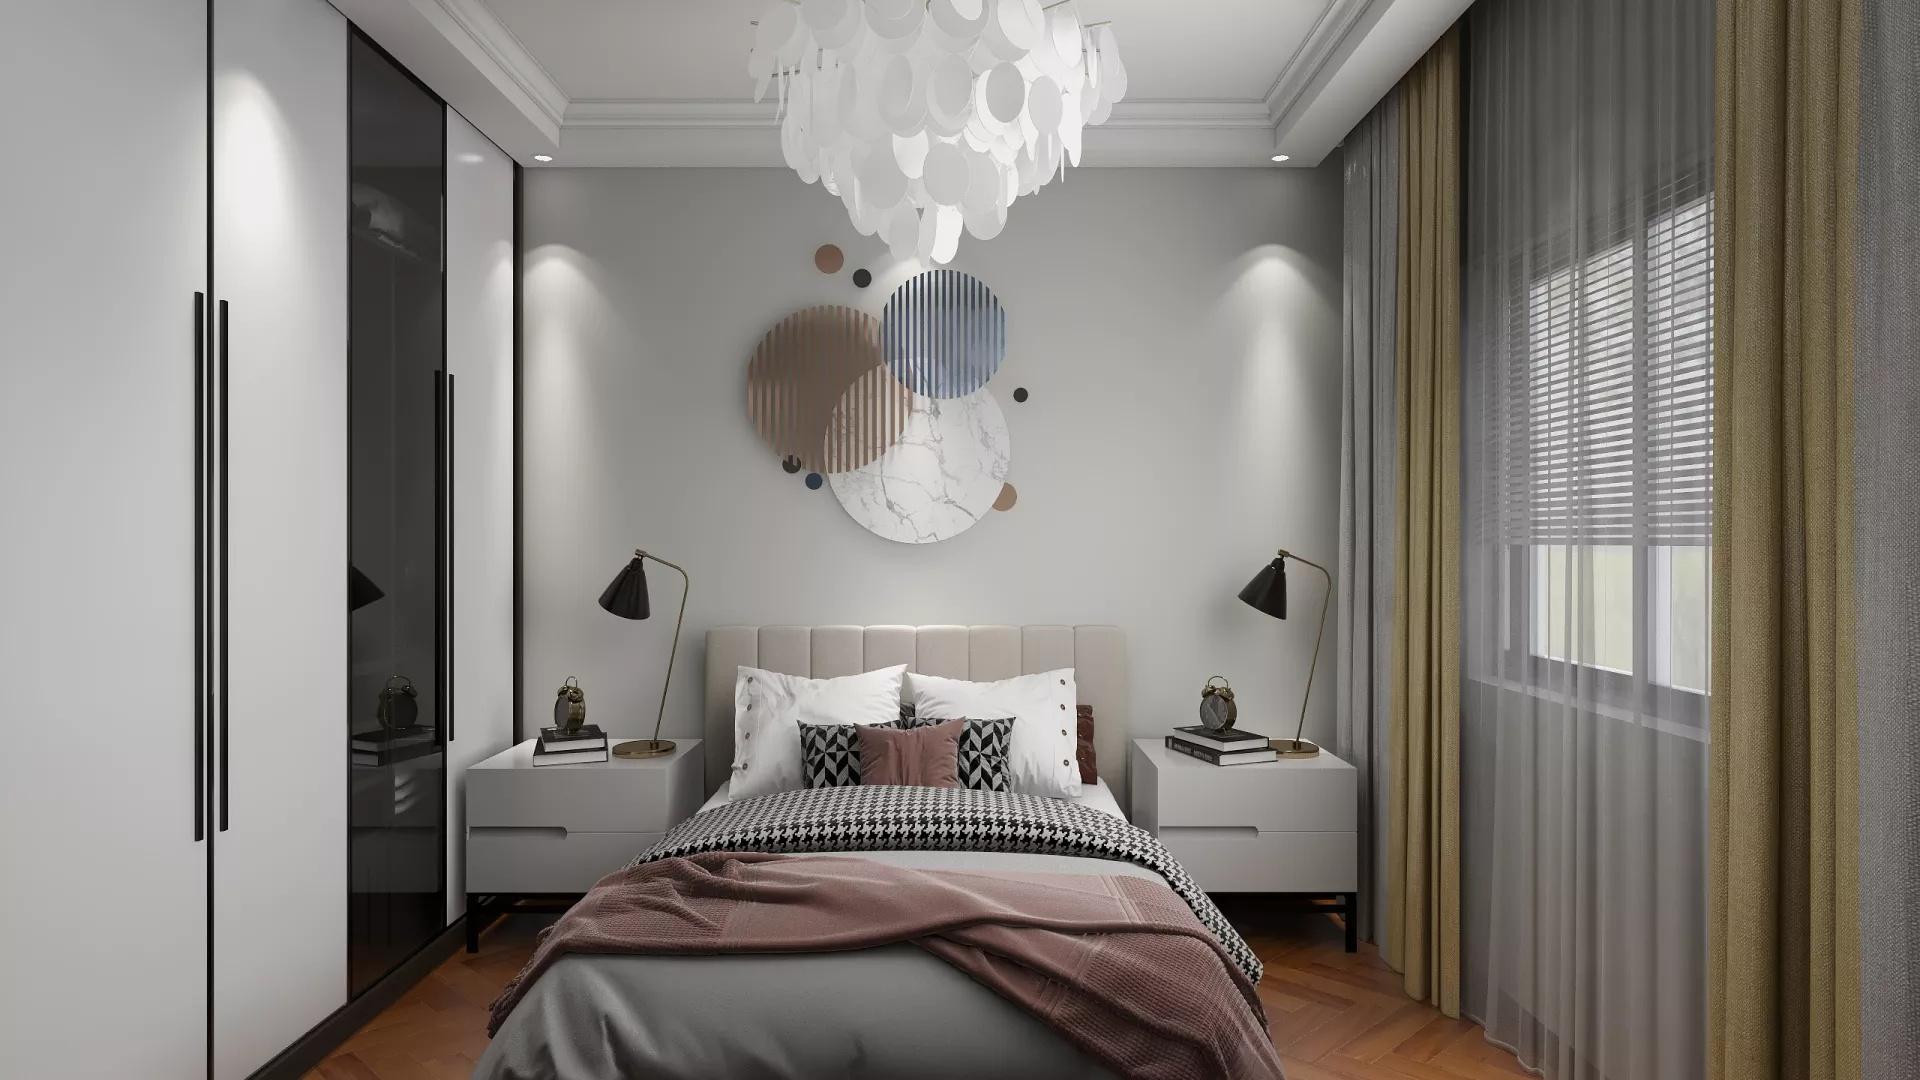 了解窗帘安装高度 让您的生活精致美好!